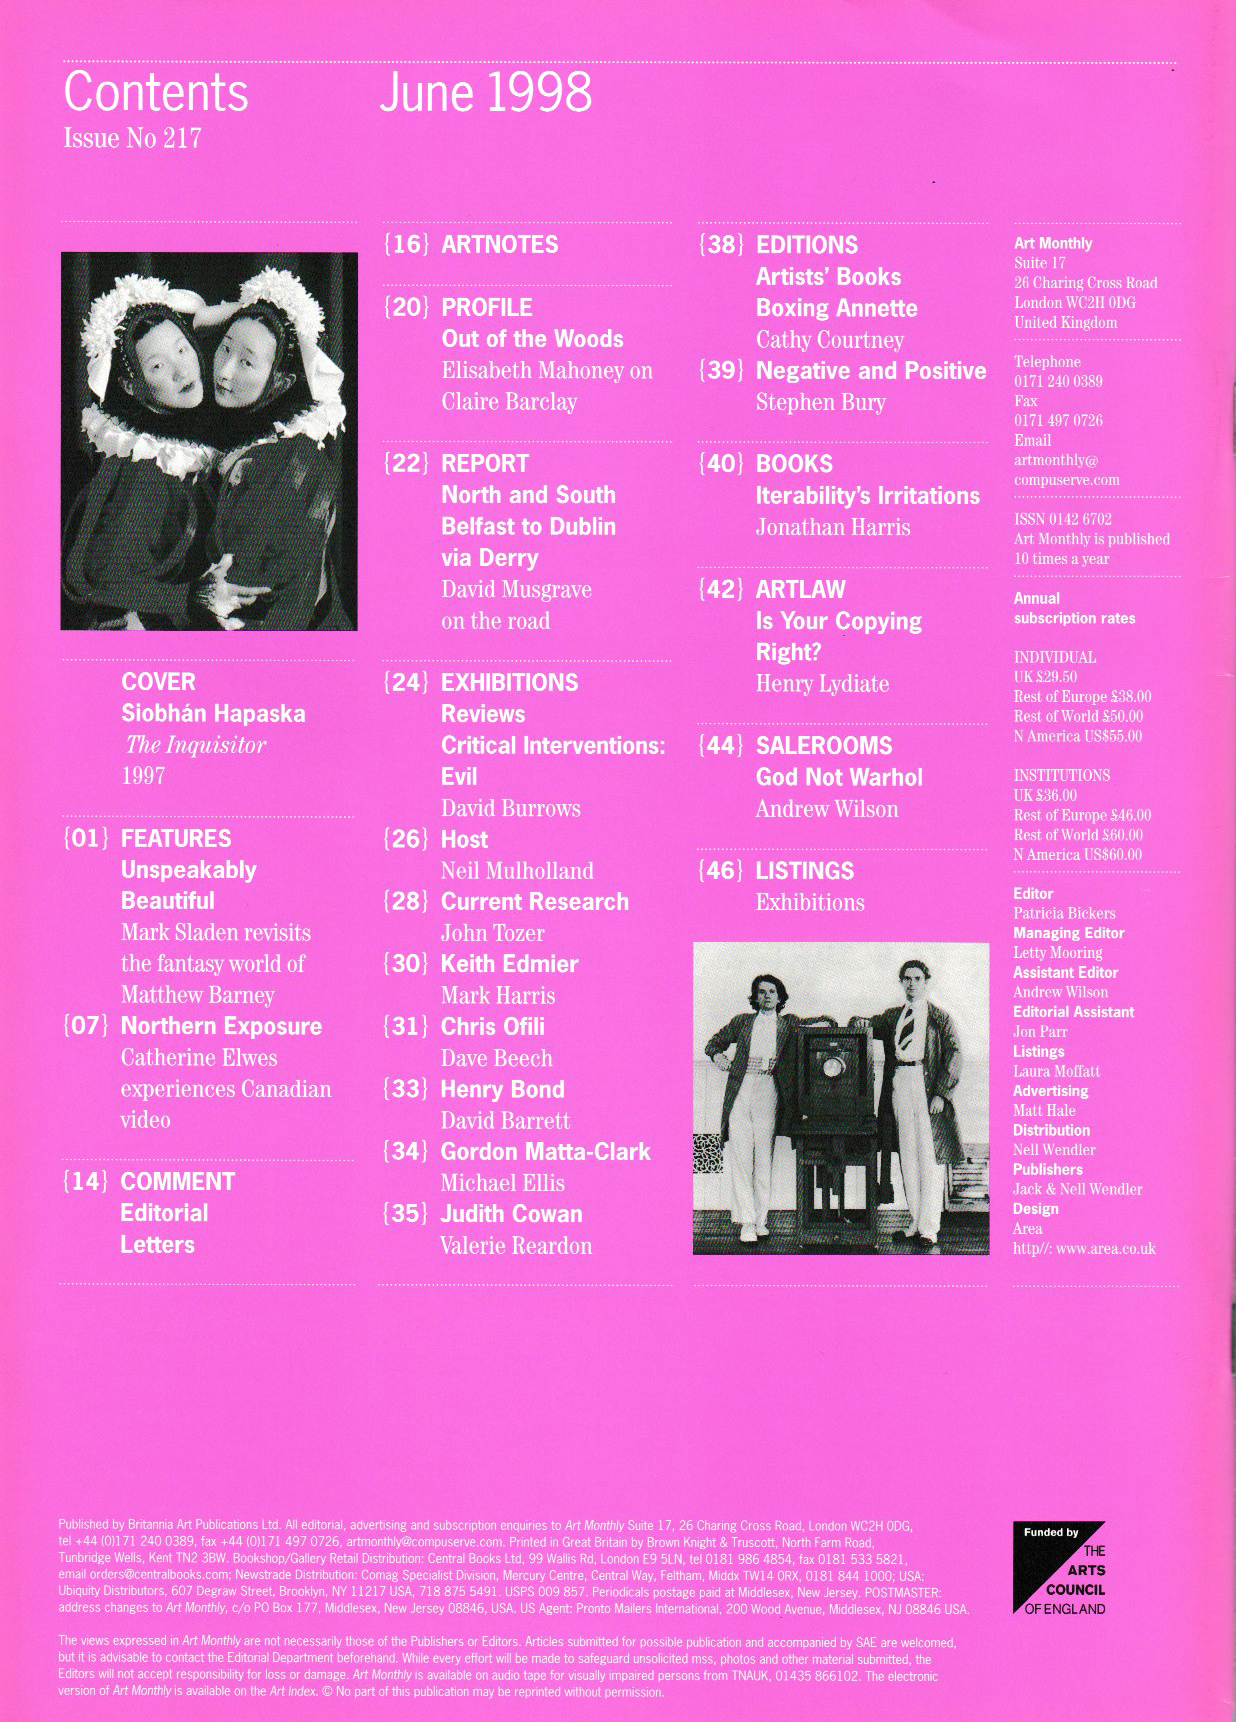 Art Monthly 1998.jpg b.jpg